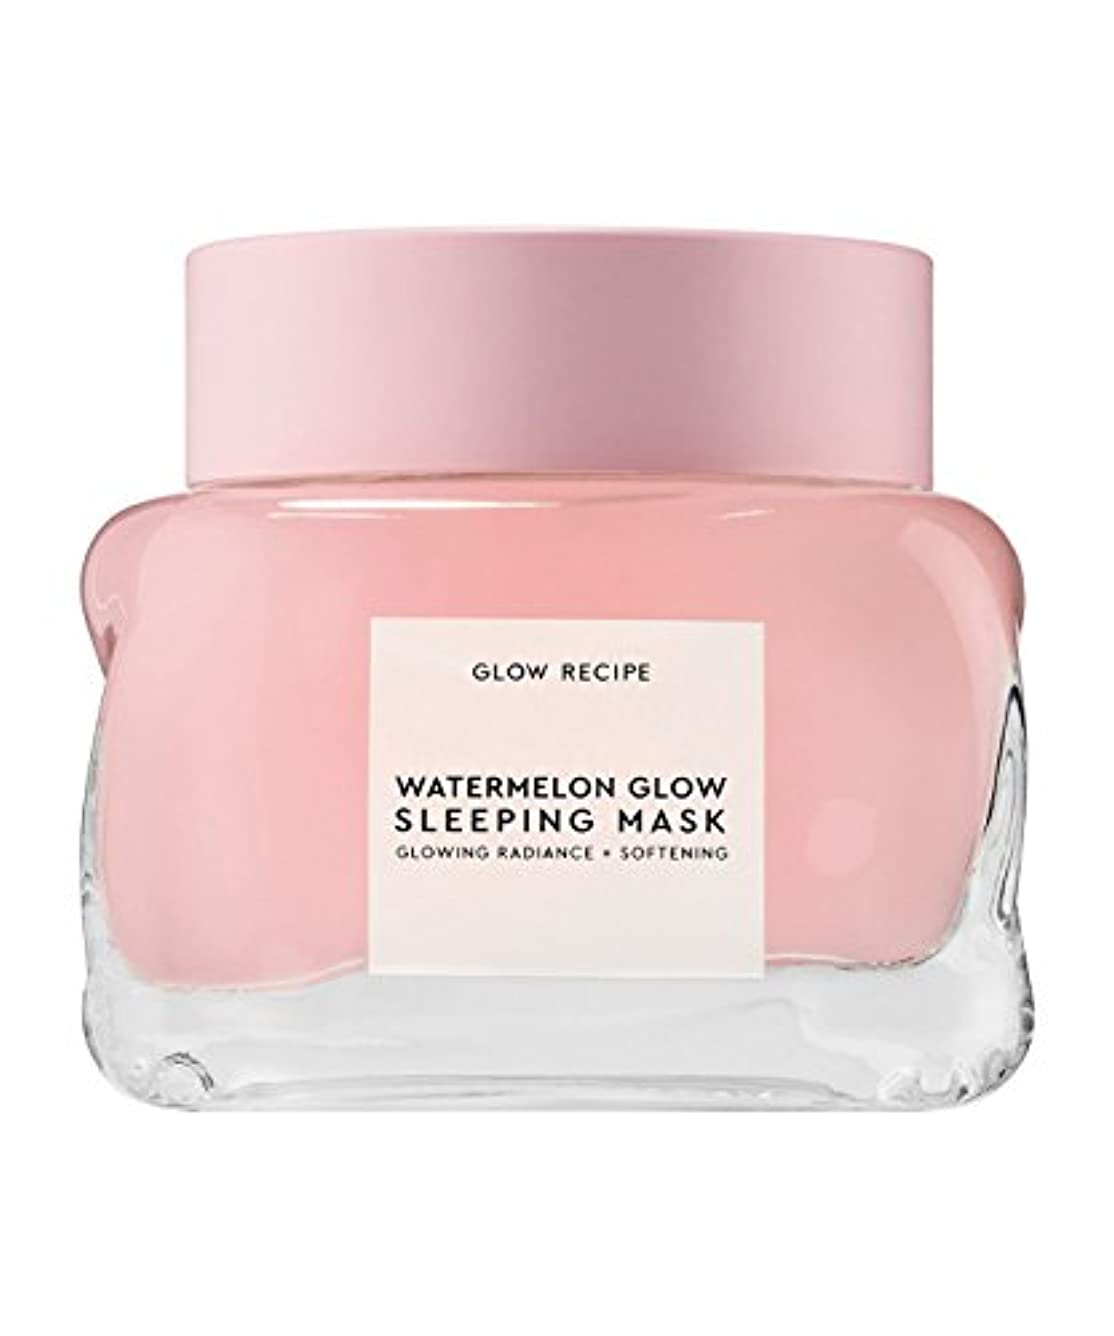 憤るマークされた不条理Glow Recipe Watermelon Glow Sleeping Mask 2.7oz/80ml グロウレシピ ウォータメロン グロー スリーピング マスク